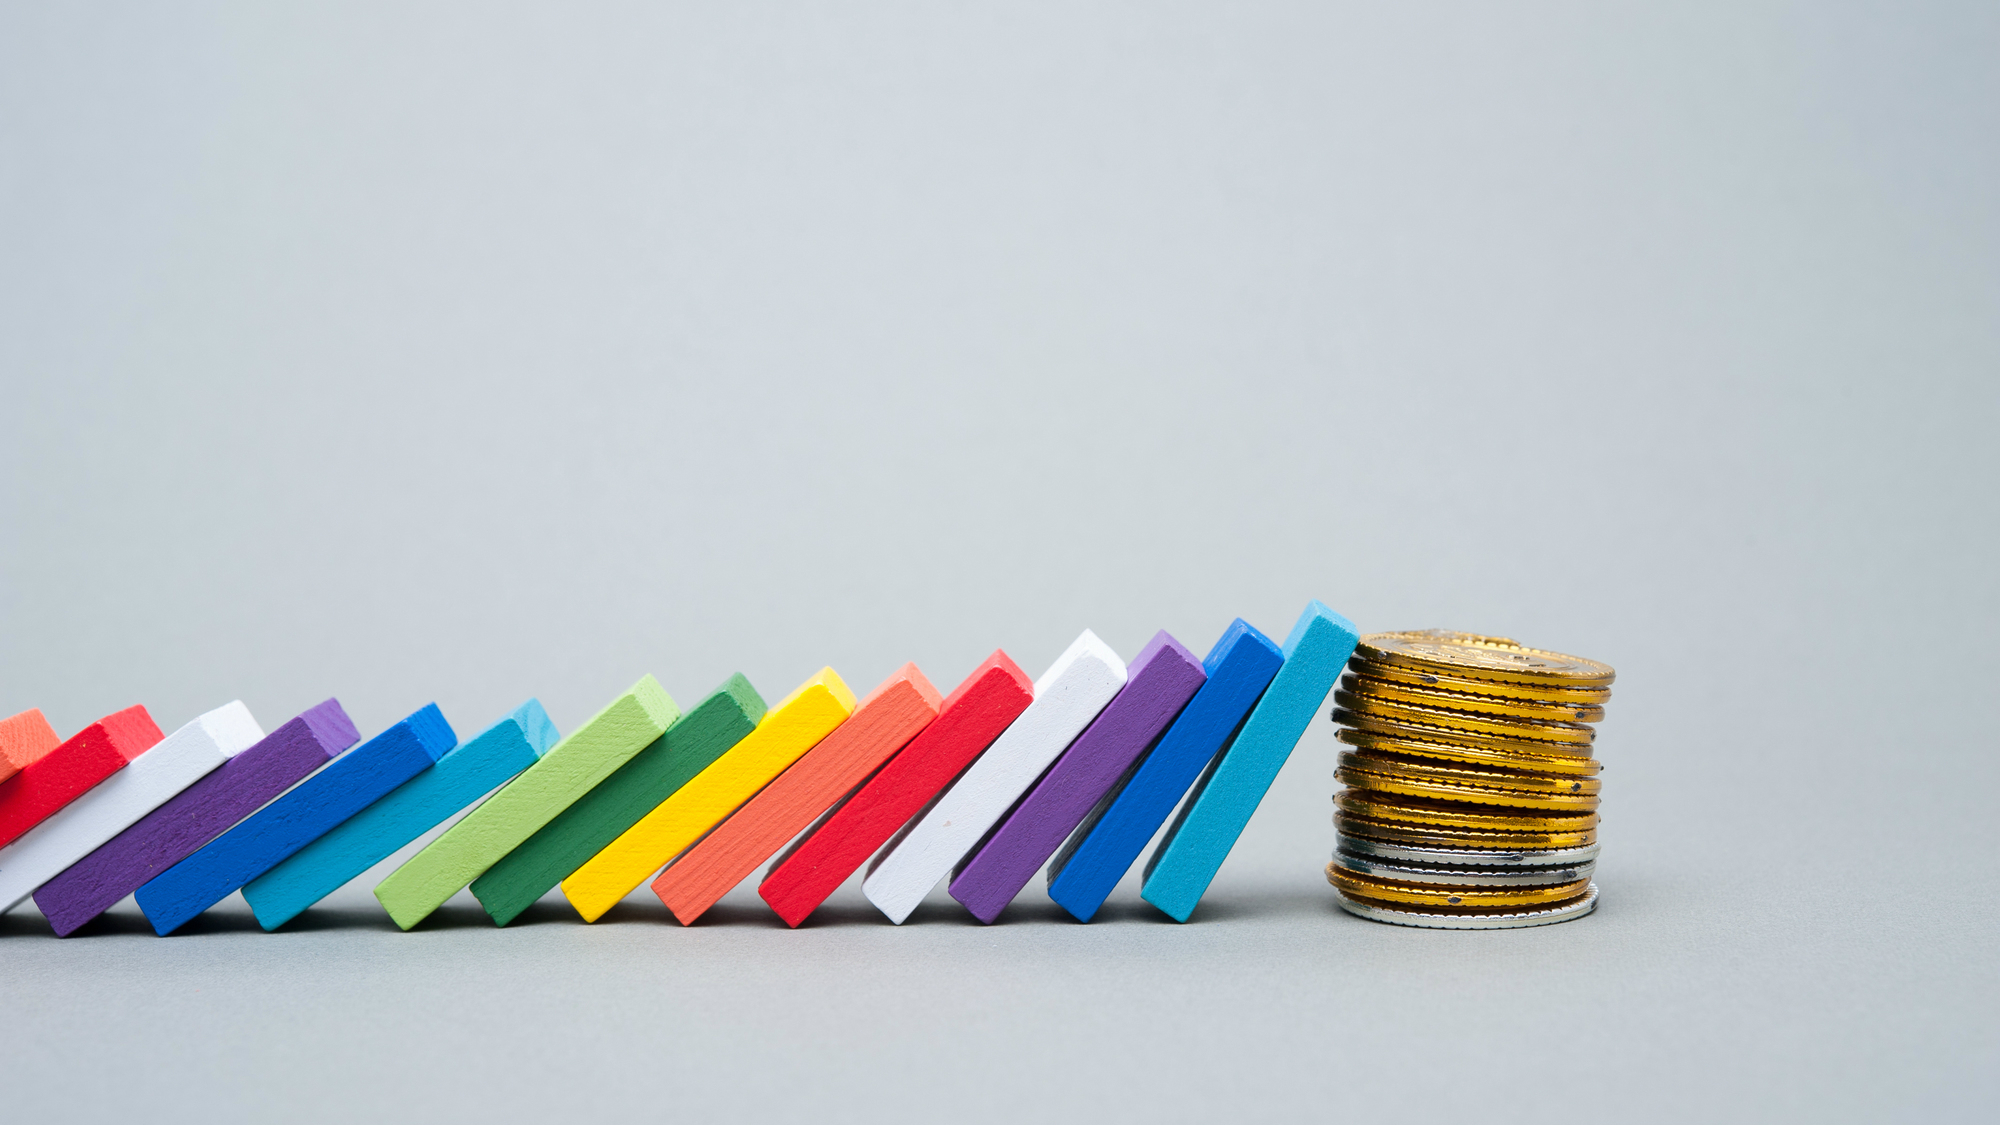 少額からできる社会貢献…「寄付先」の選び方とポイント